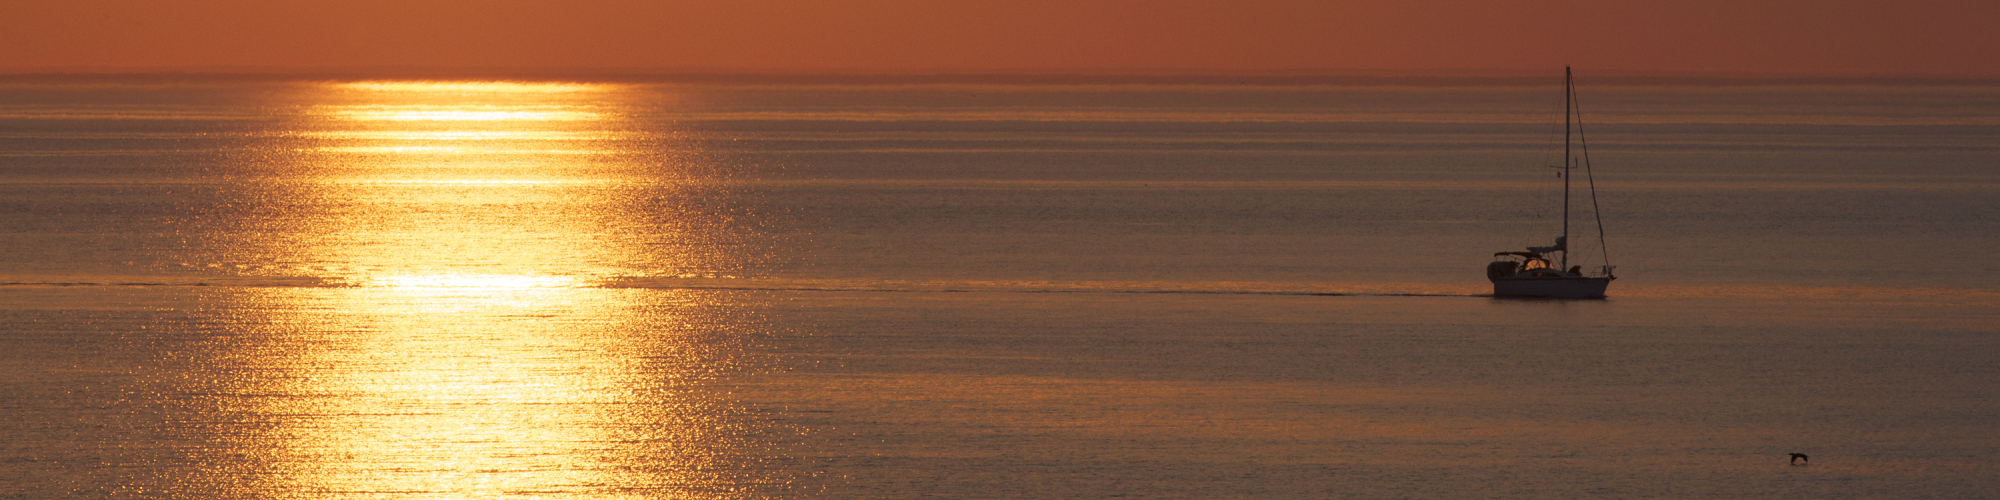 Voilier en mer, coucher de soleil